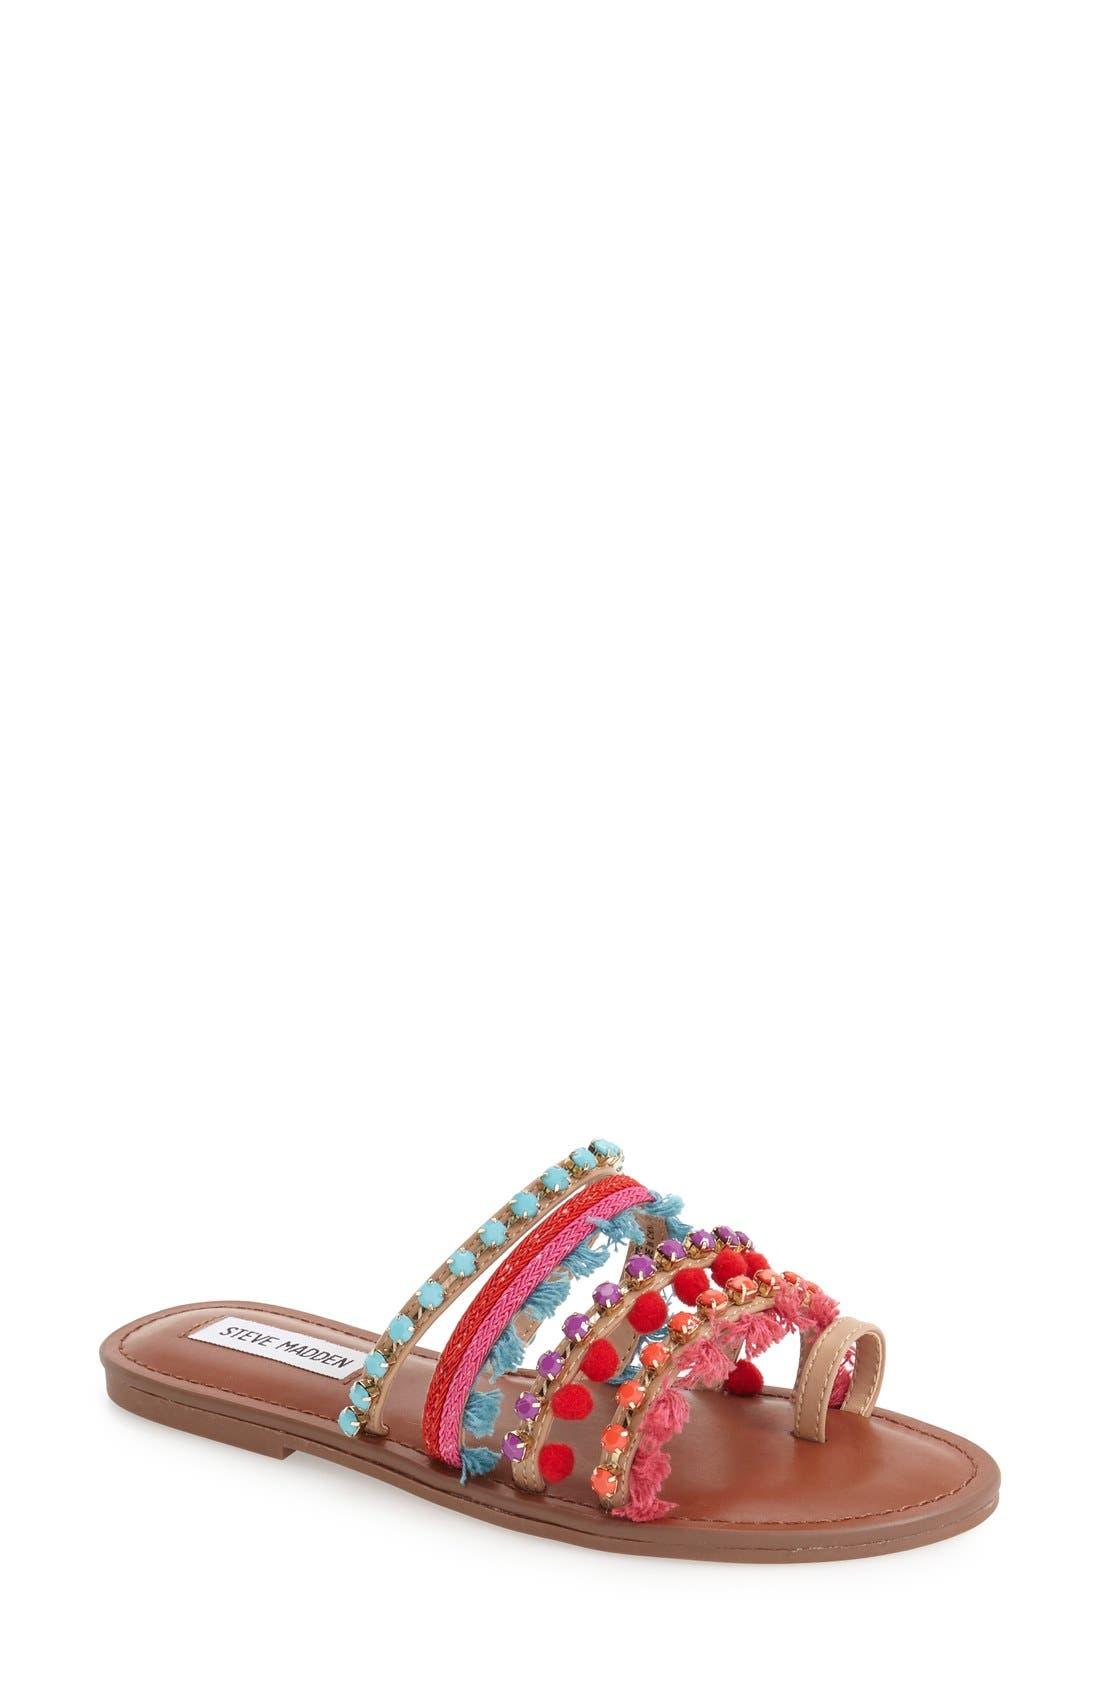 Main Image - Steve Madden Multicolor Slide Sandal (Women)